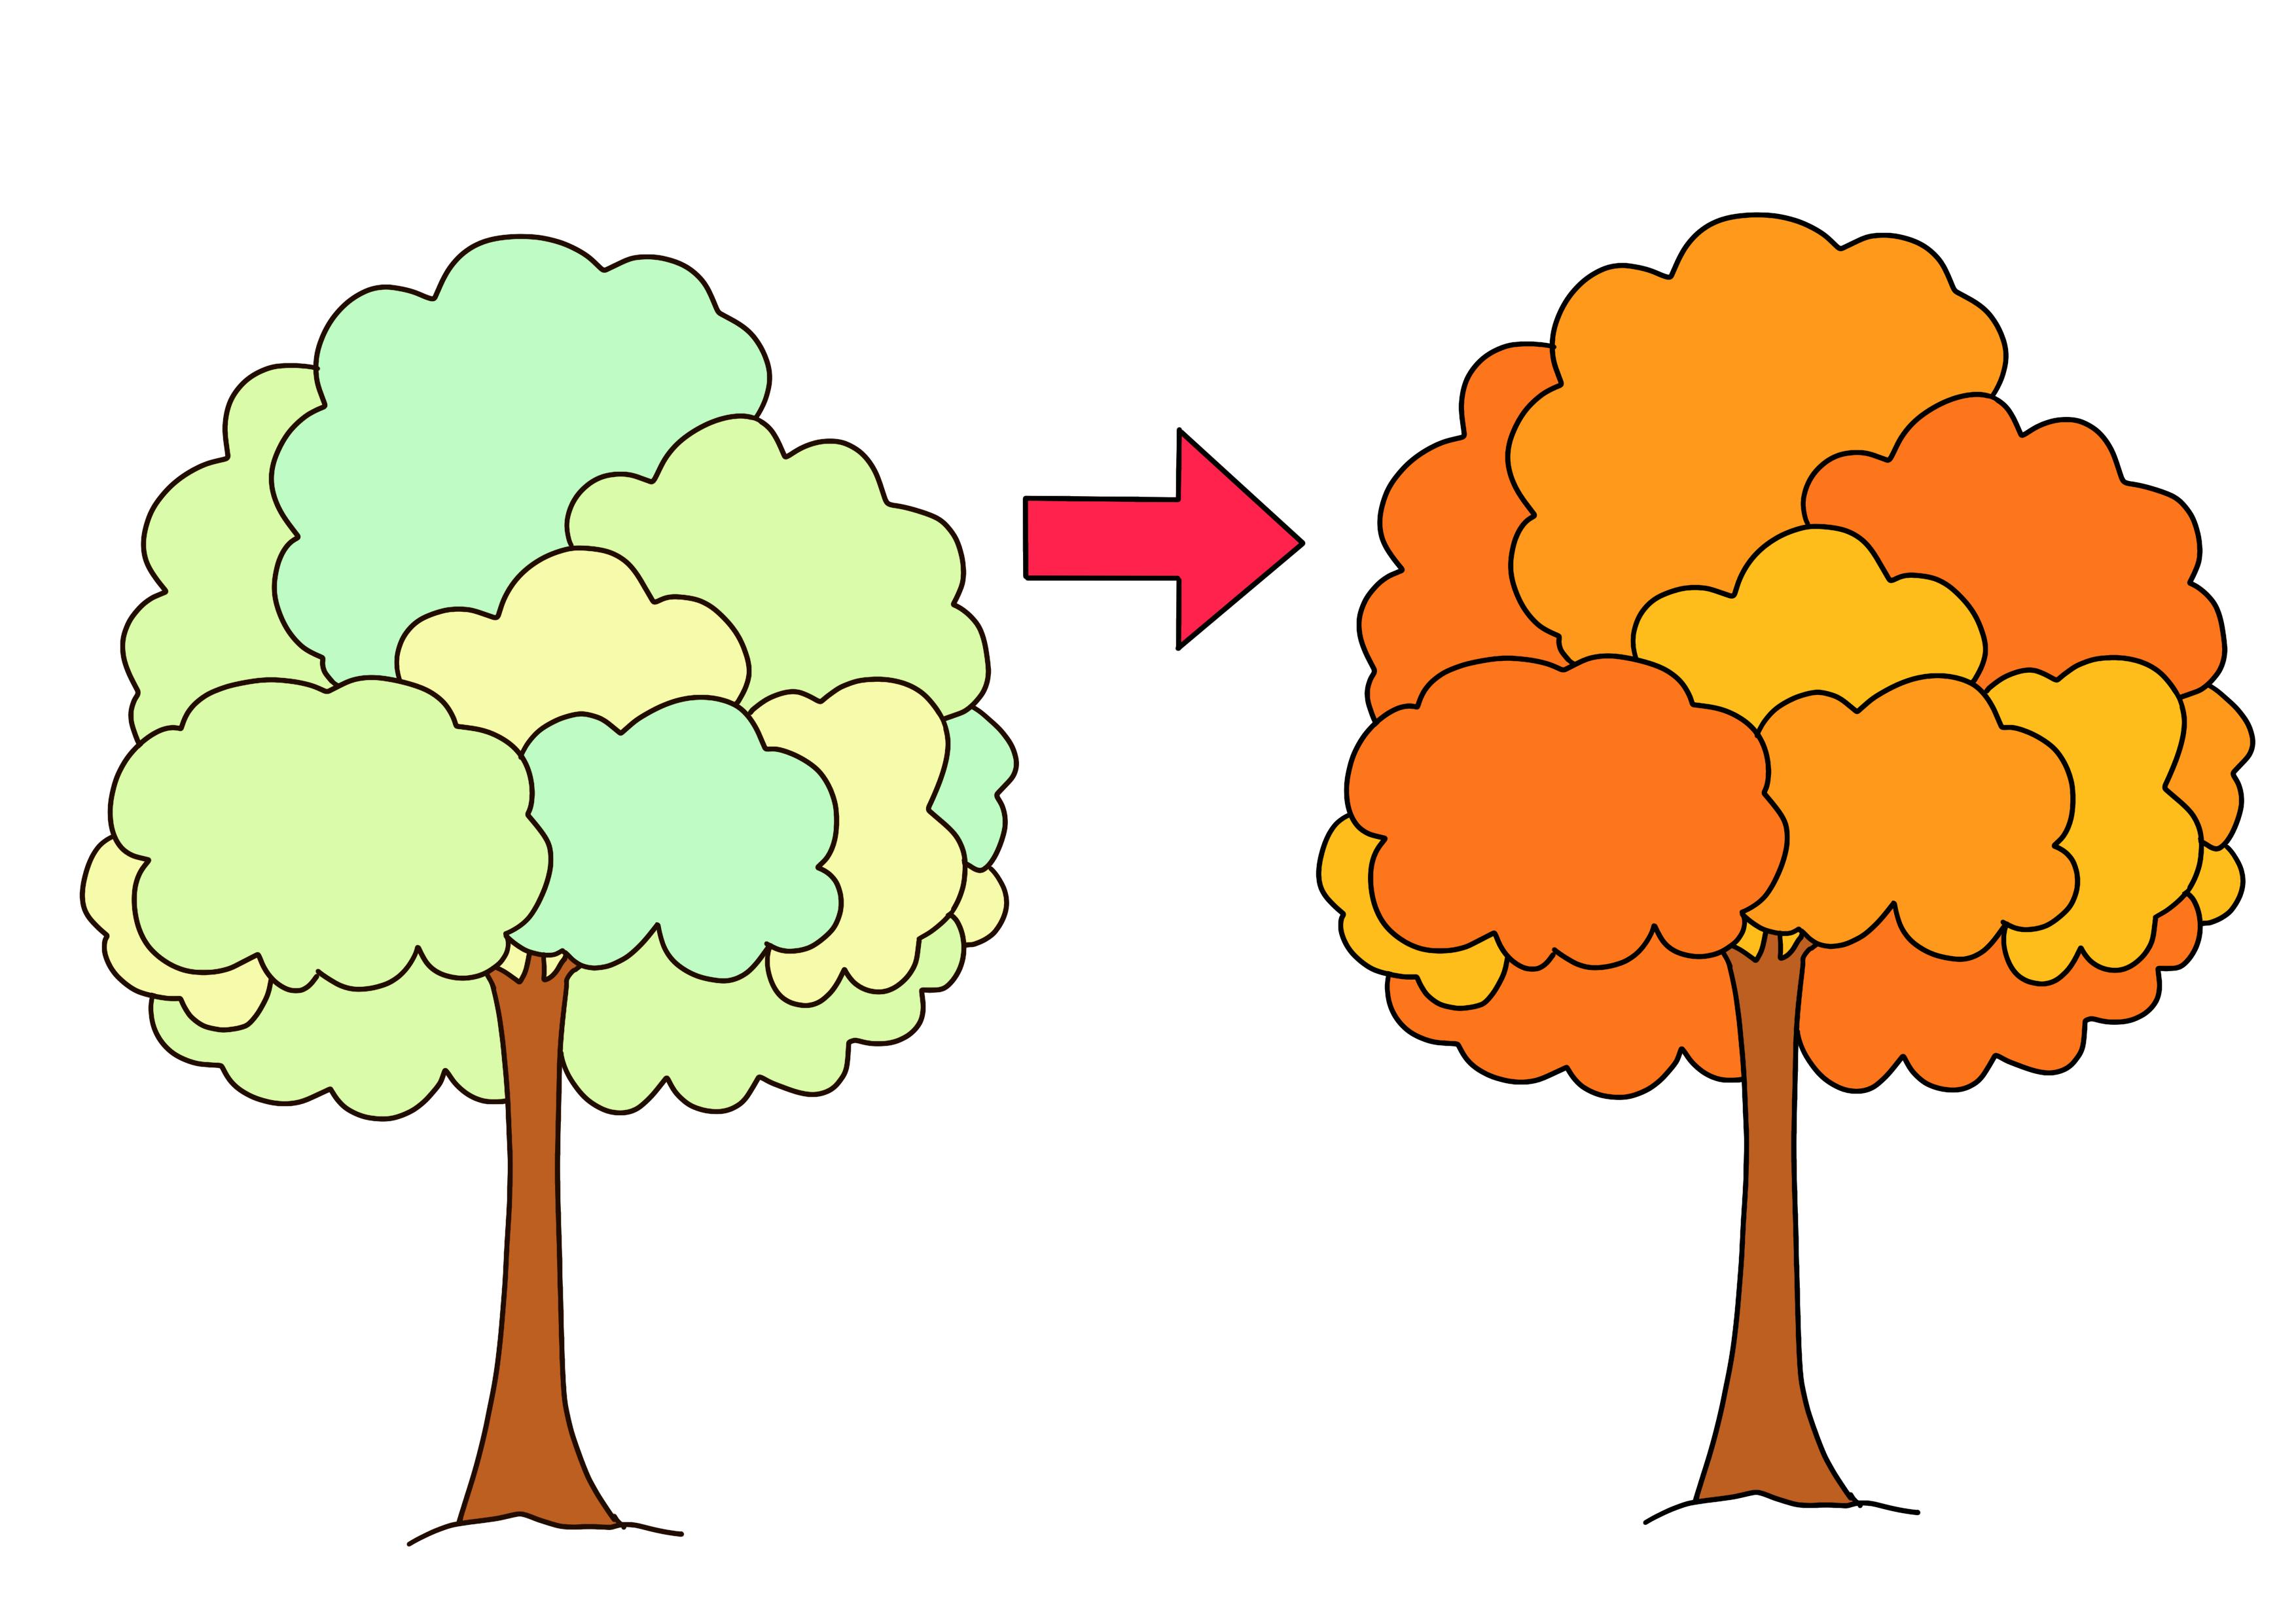 35課イラスト【木の葉の色が変わる】